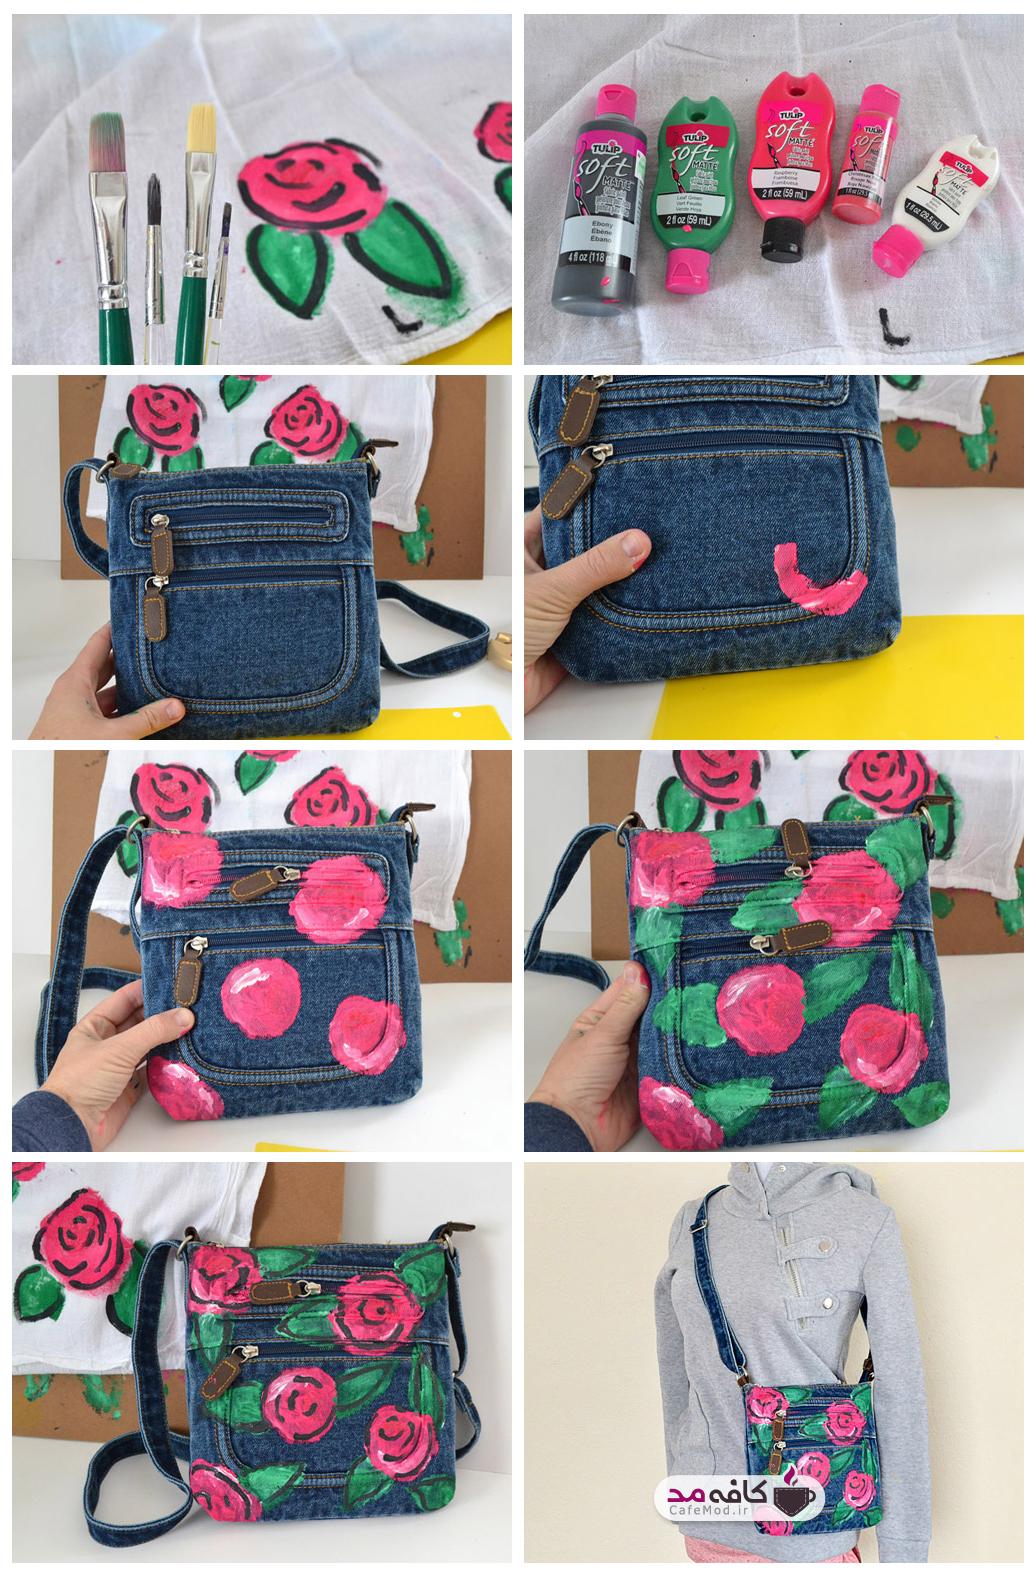 آموزش تزیین کیف جین با رنگ کردن